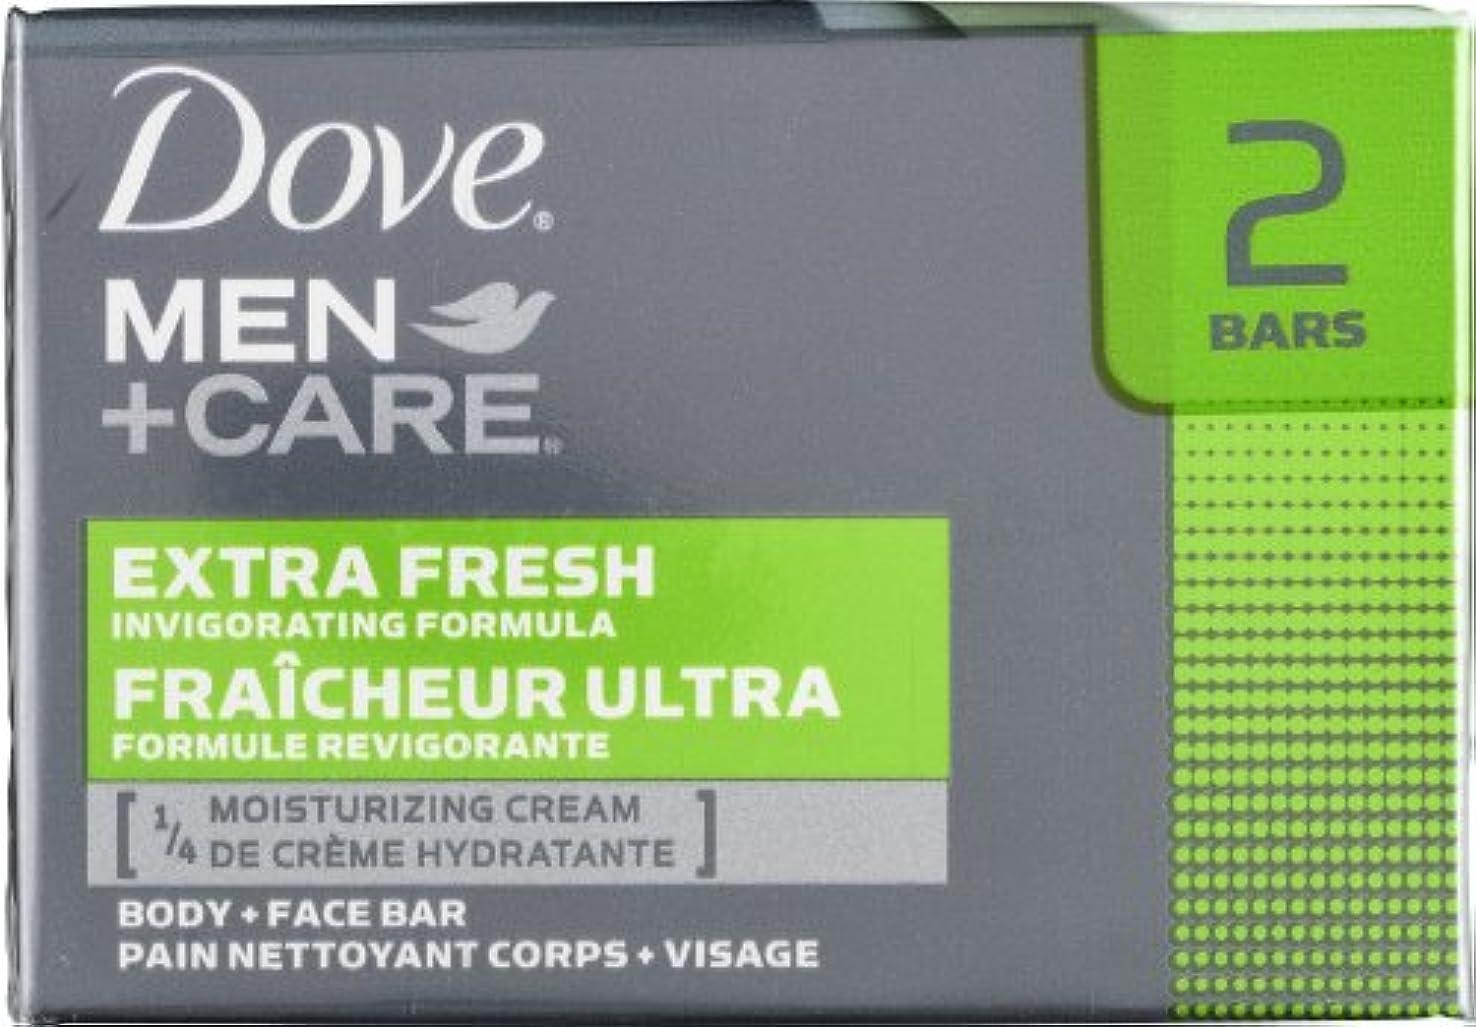 スティック愛情暫定Dove men plus care extra fresh body and face bath bar - 2 ea by Dove